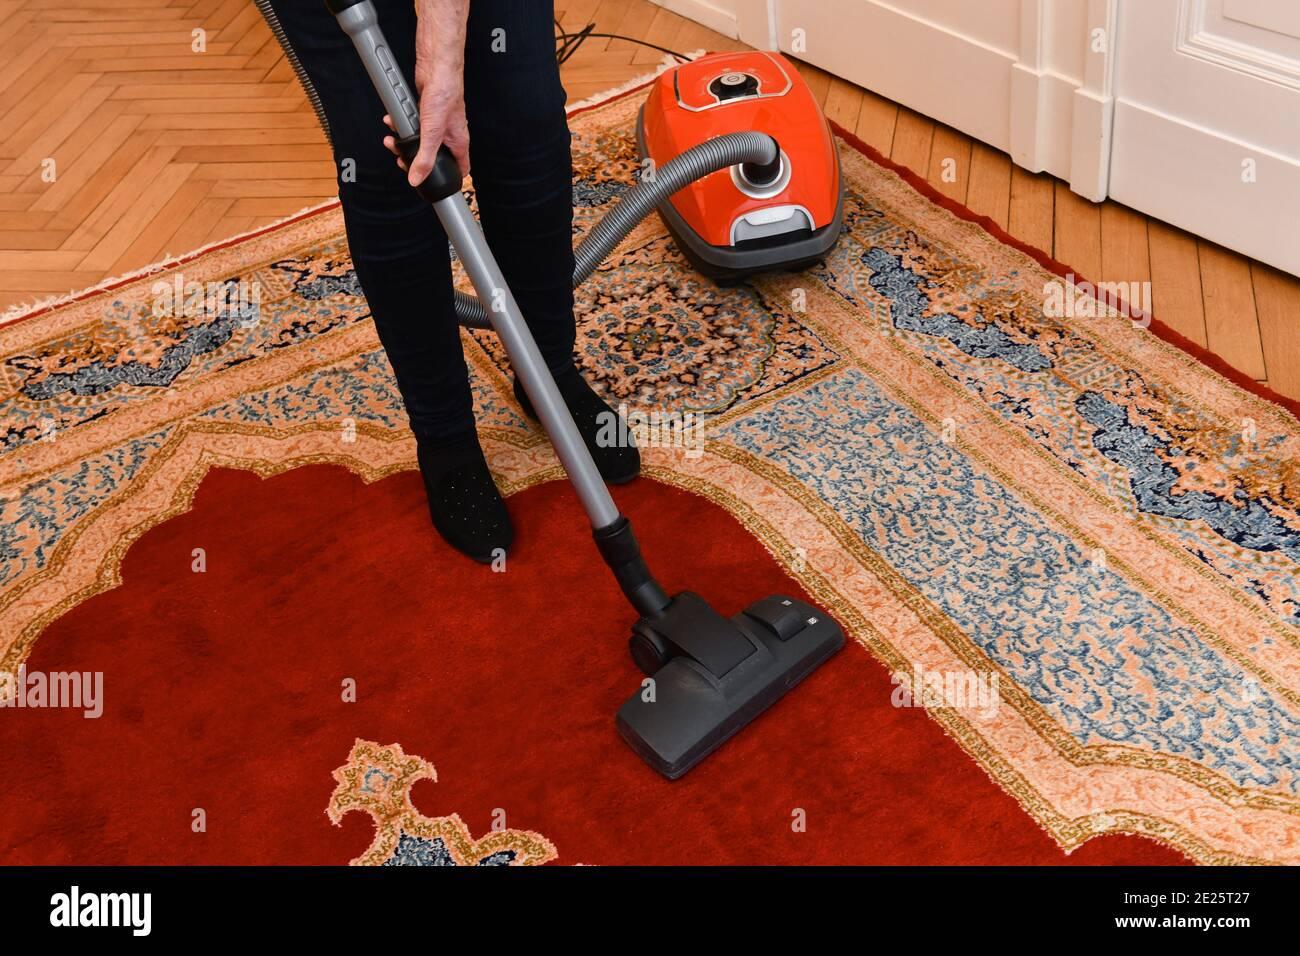 Staubsaugen, Teppich, Hausarbeit Stock Photo